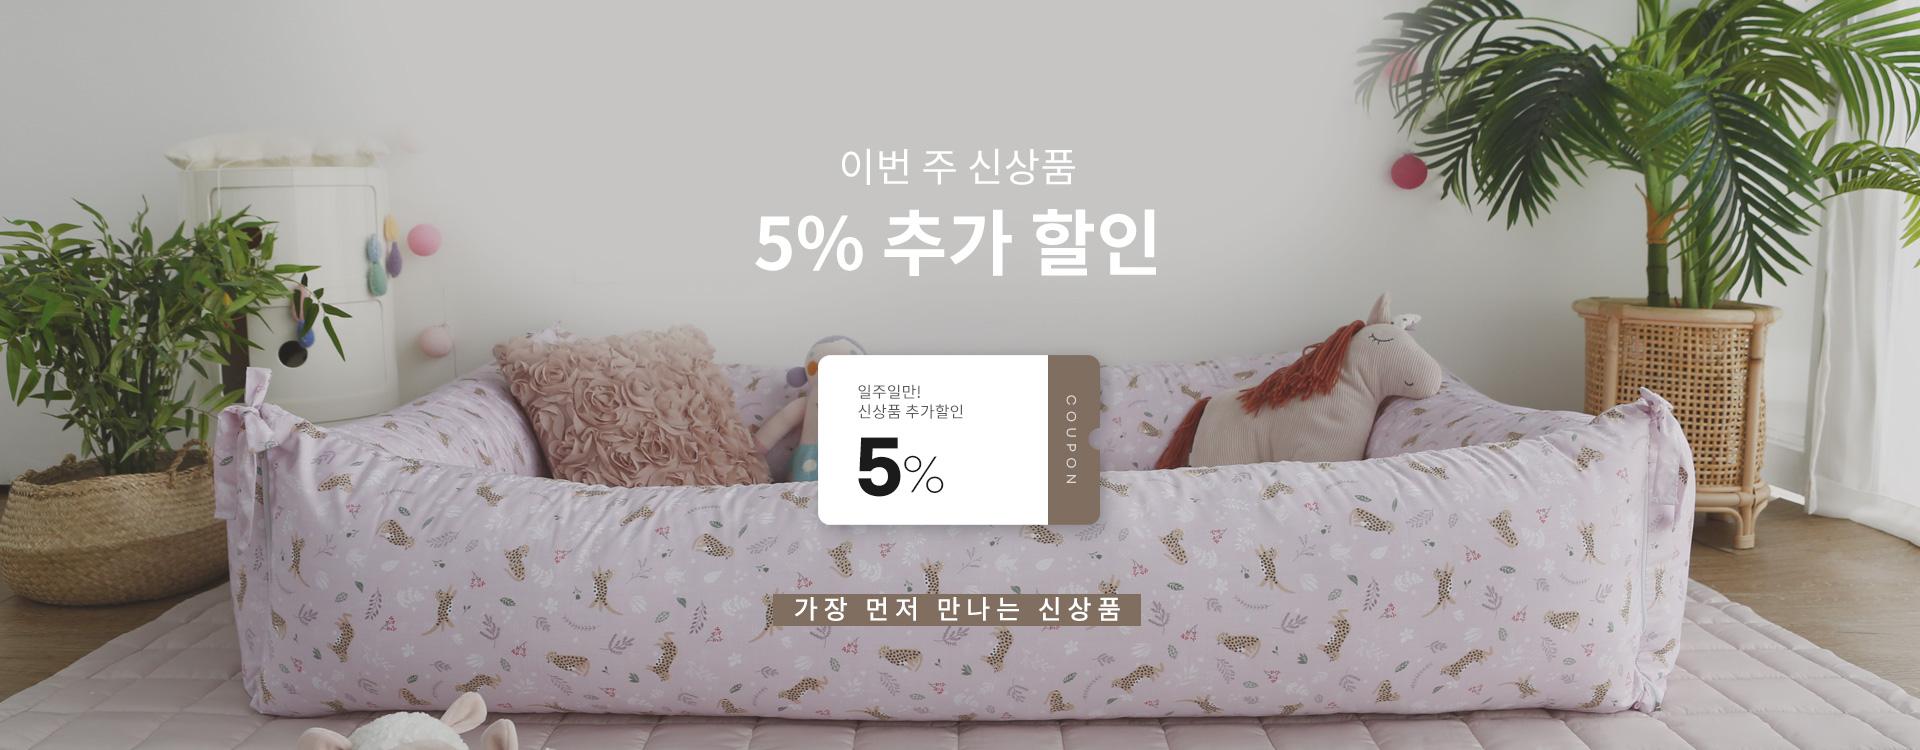 신상품 5% 할인